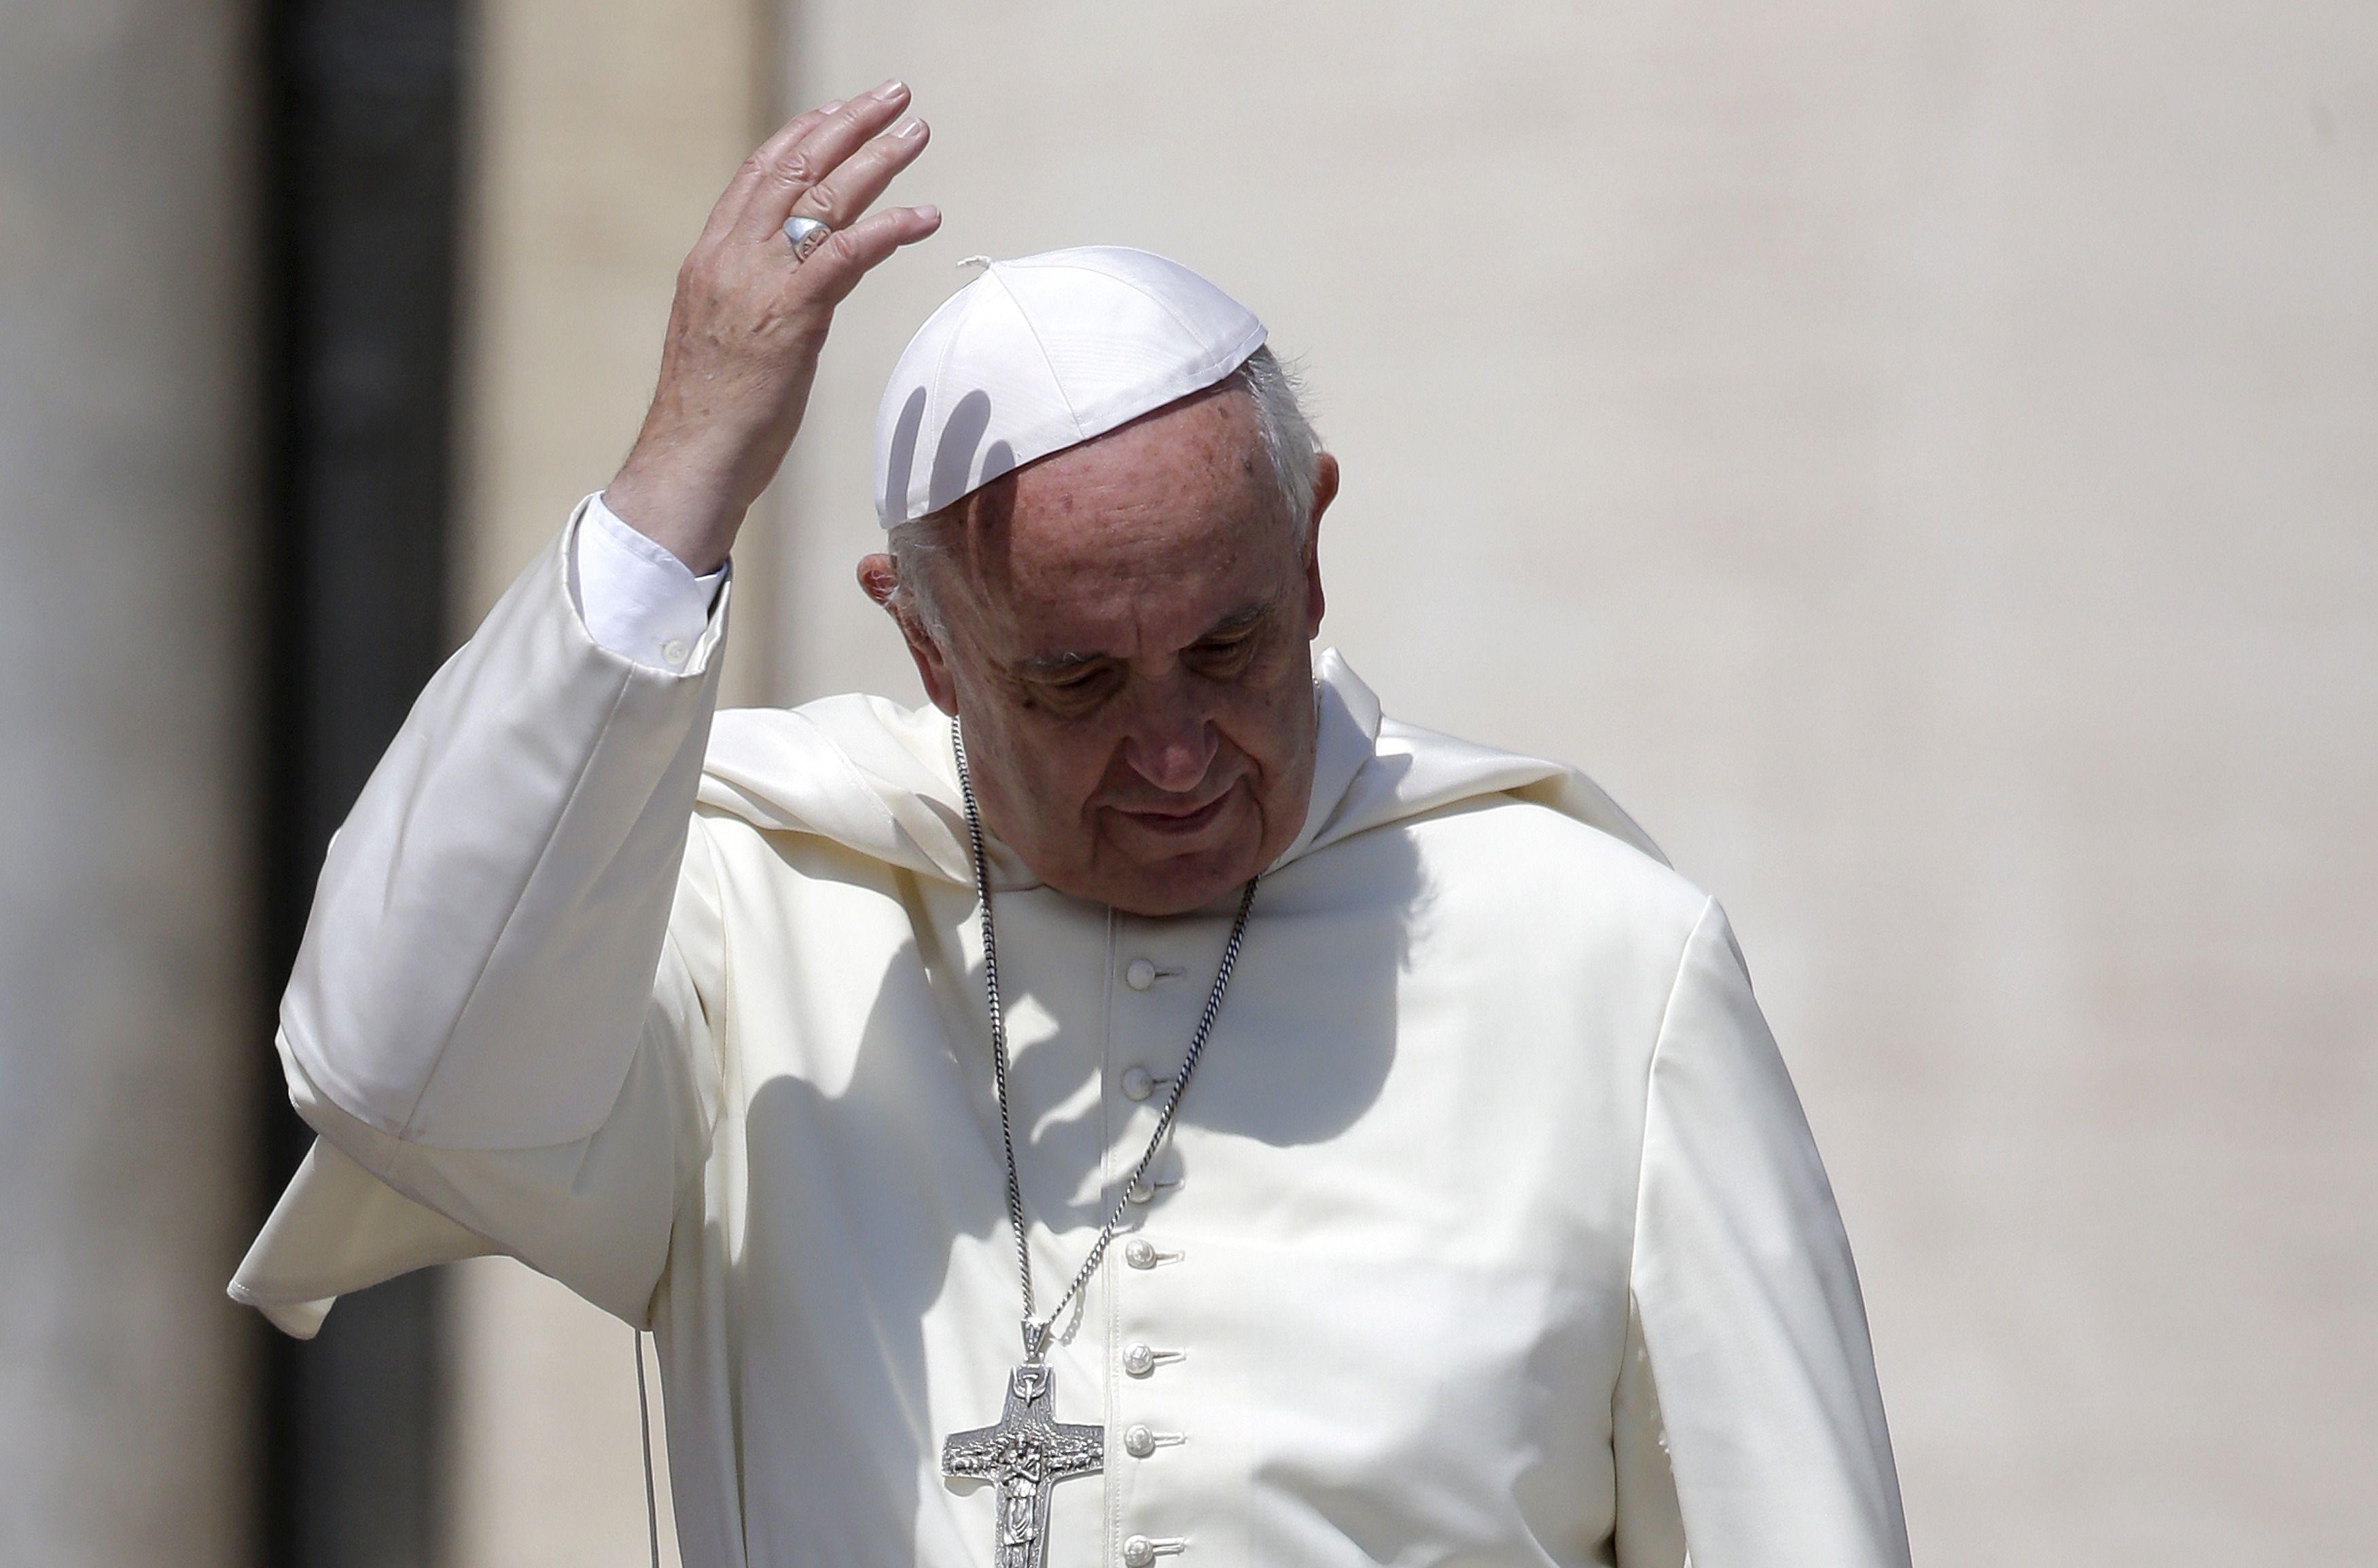 Le pape François demande auxprêtres de pardonner l'avortement